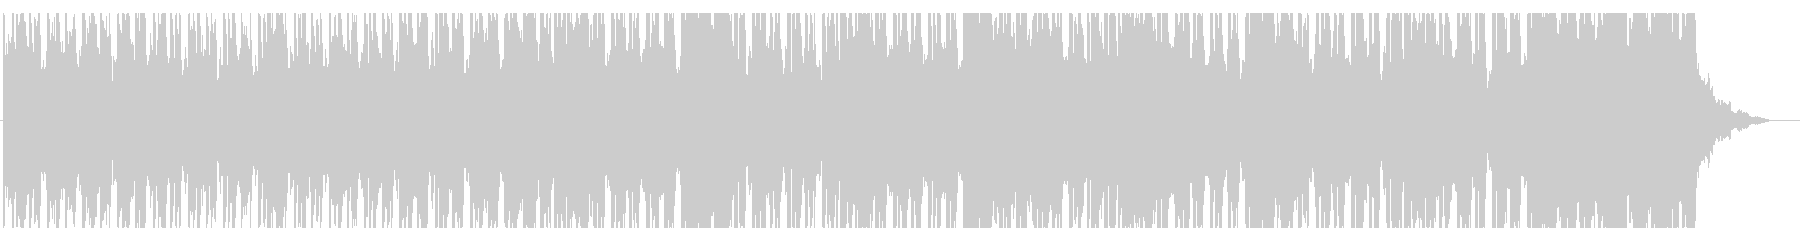 レトロ/シンセウェーヴ_No385_3の未再生の波形